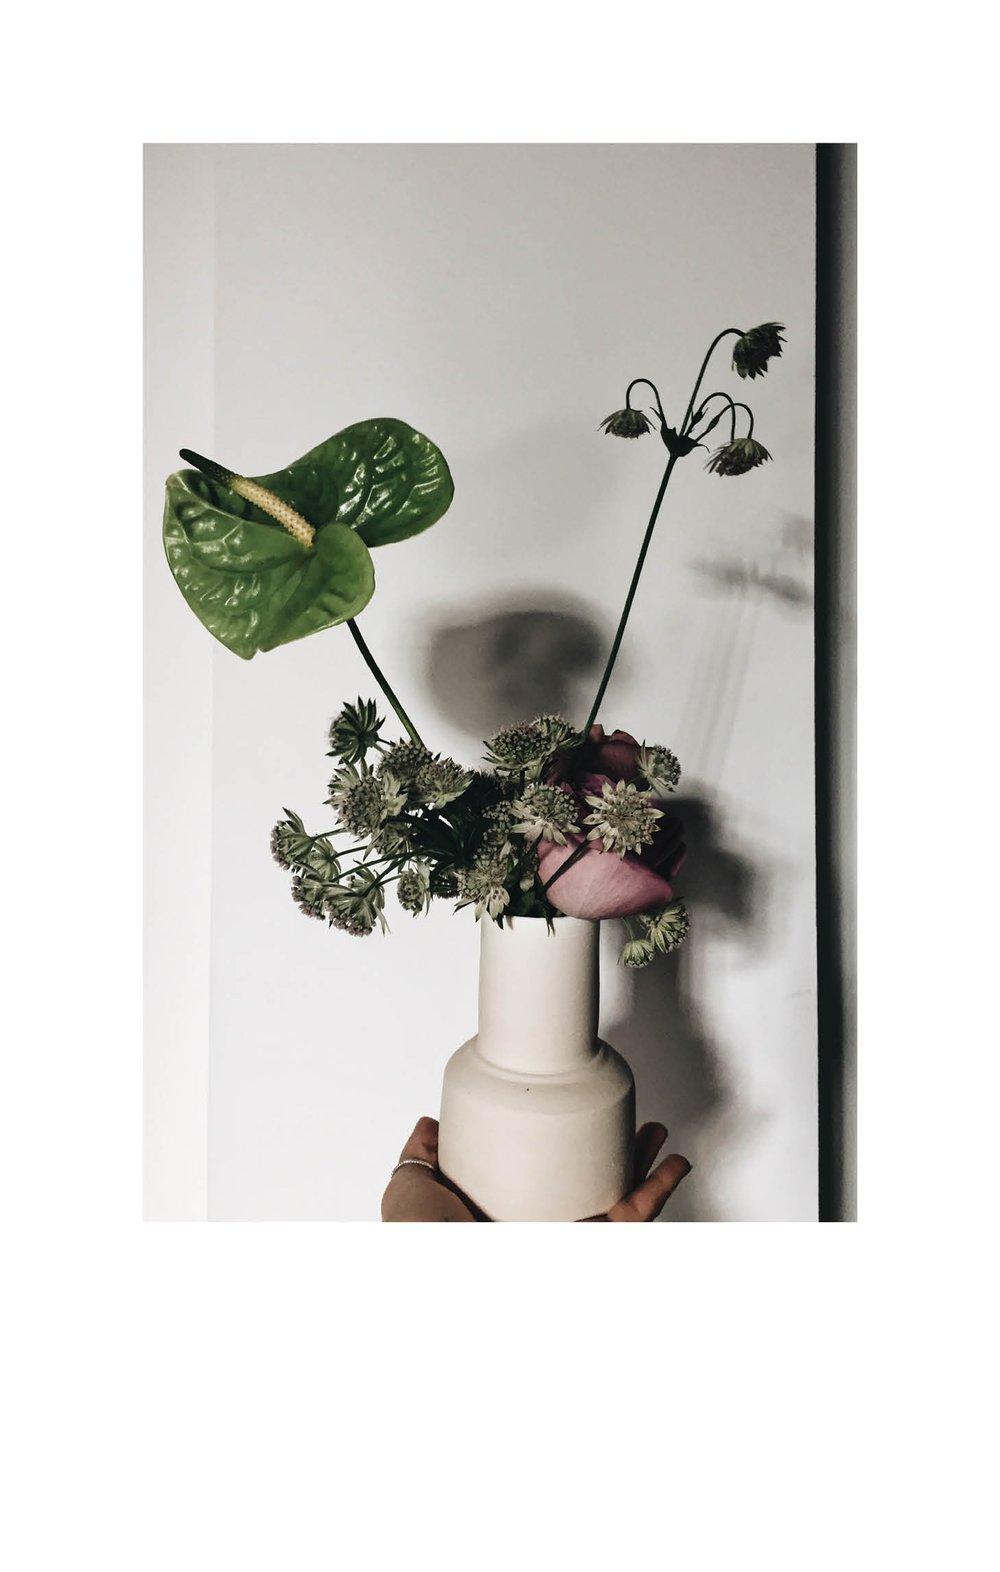 Image of Little white vase